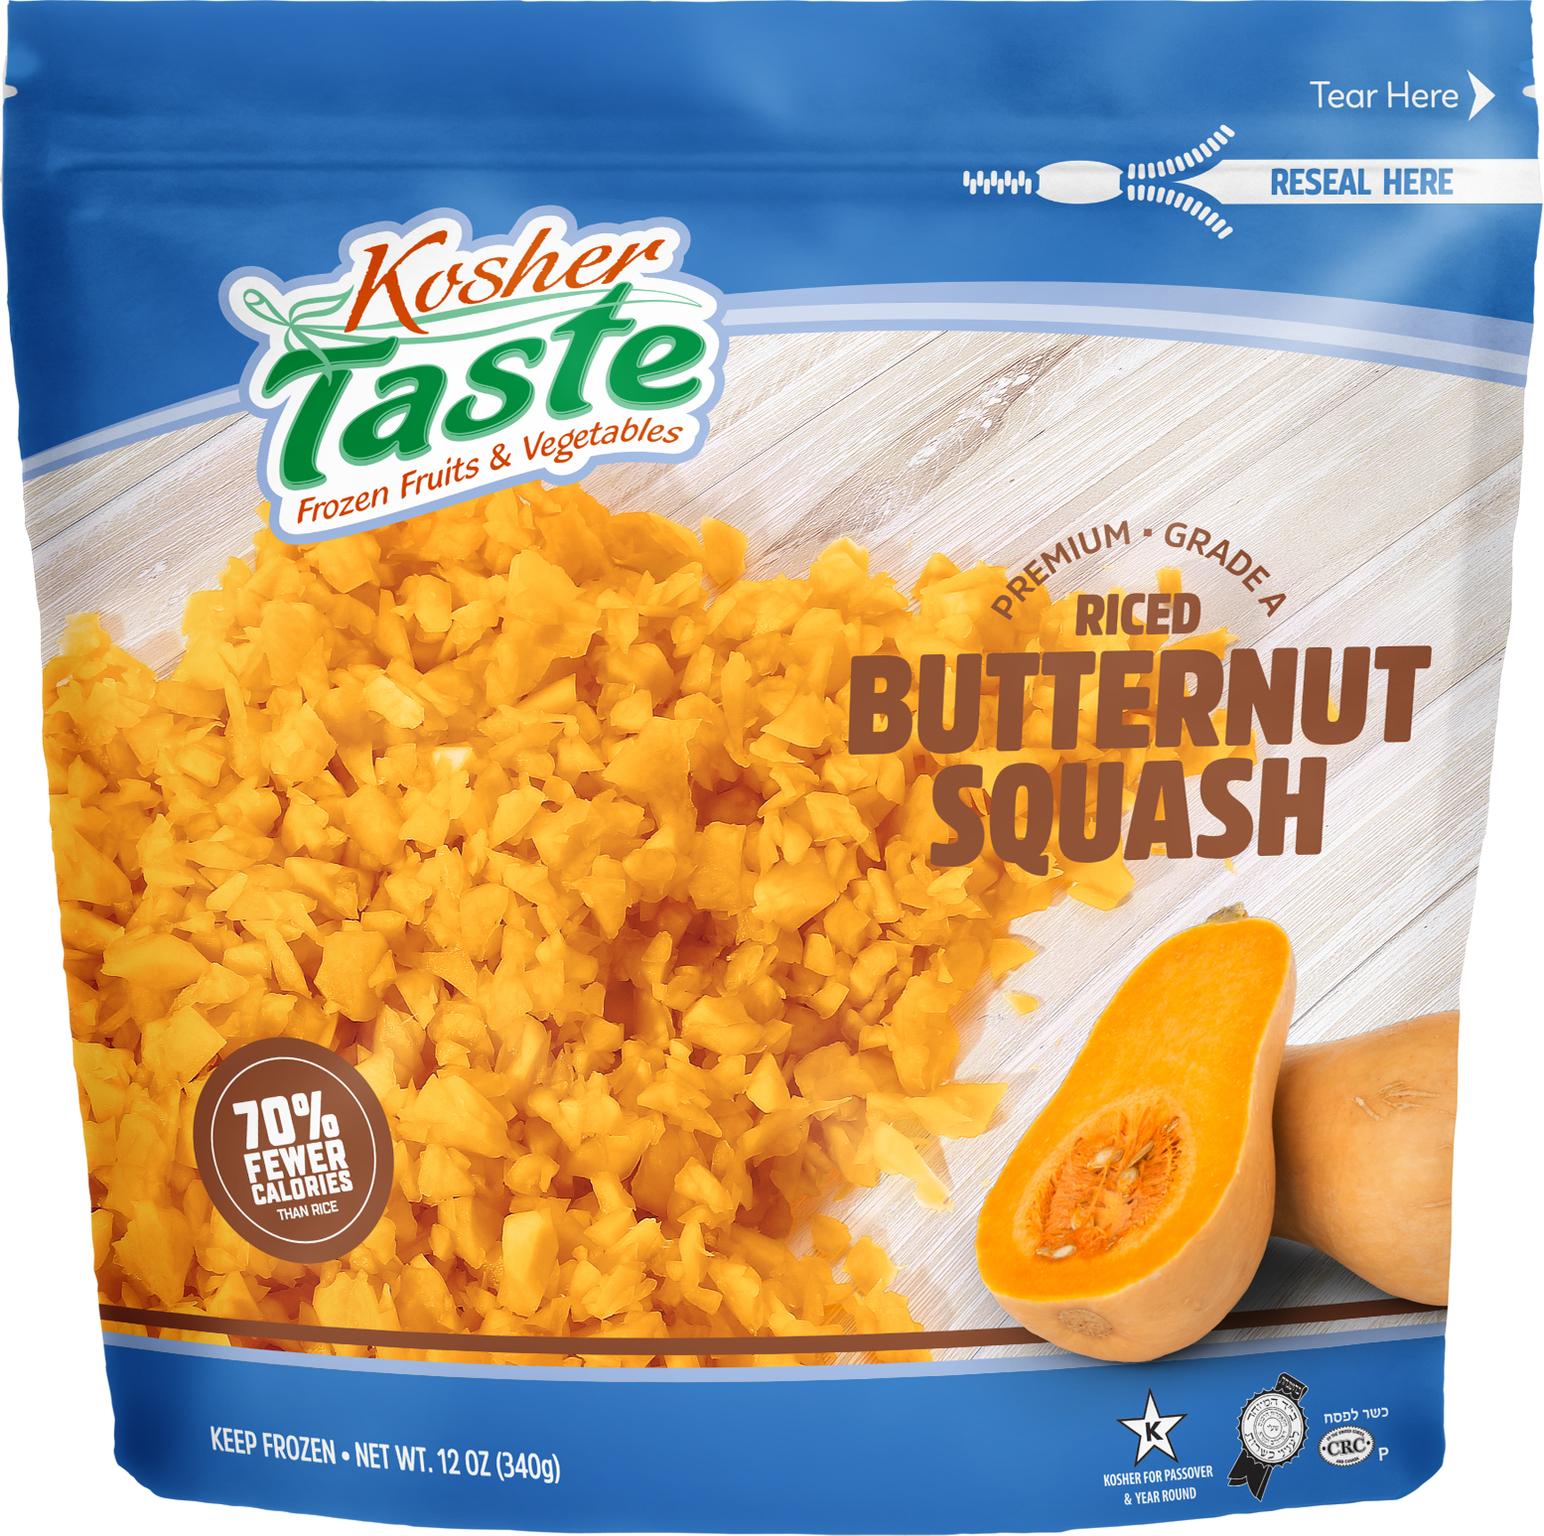 qsh6lw2a_kosher_taste_par36